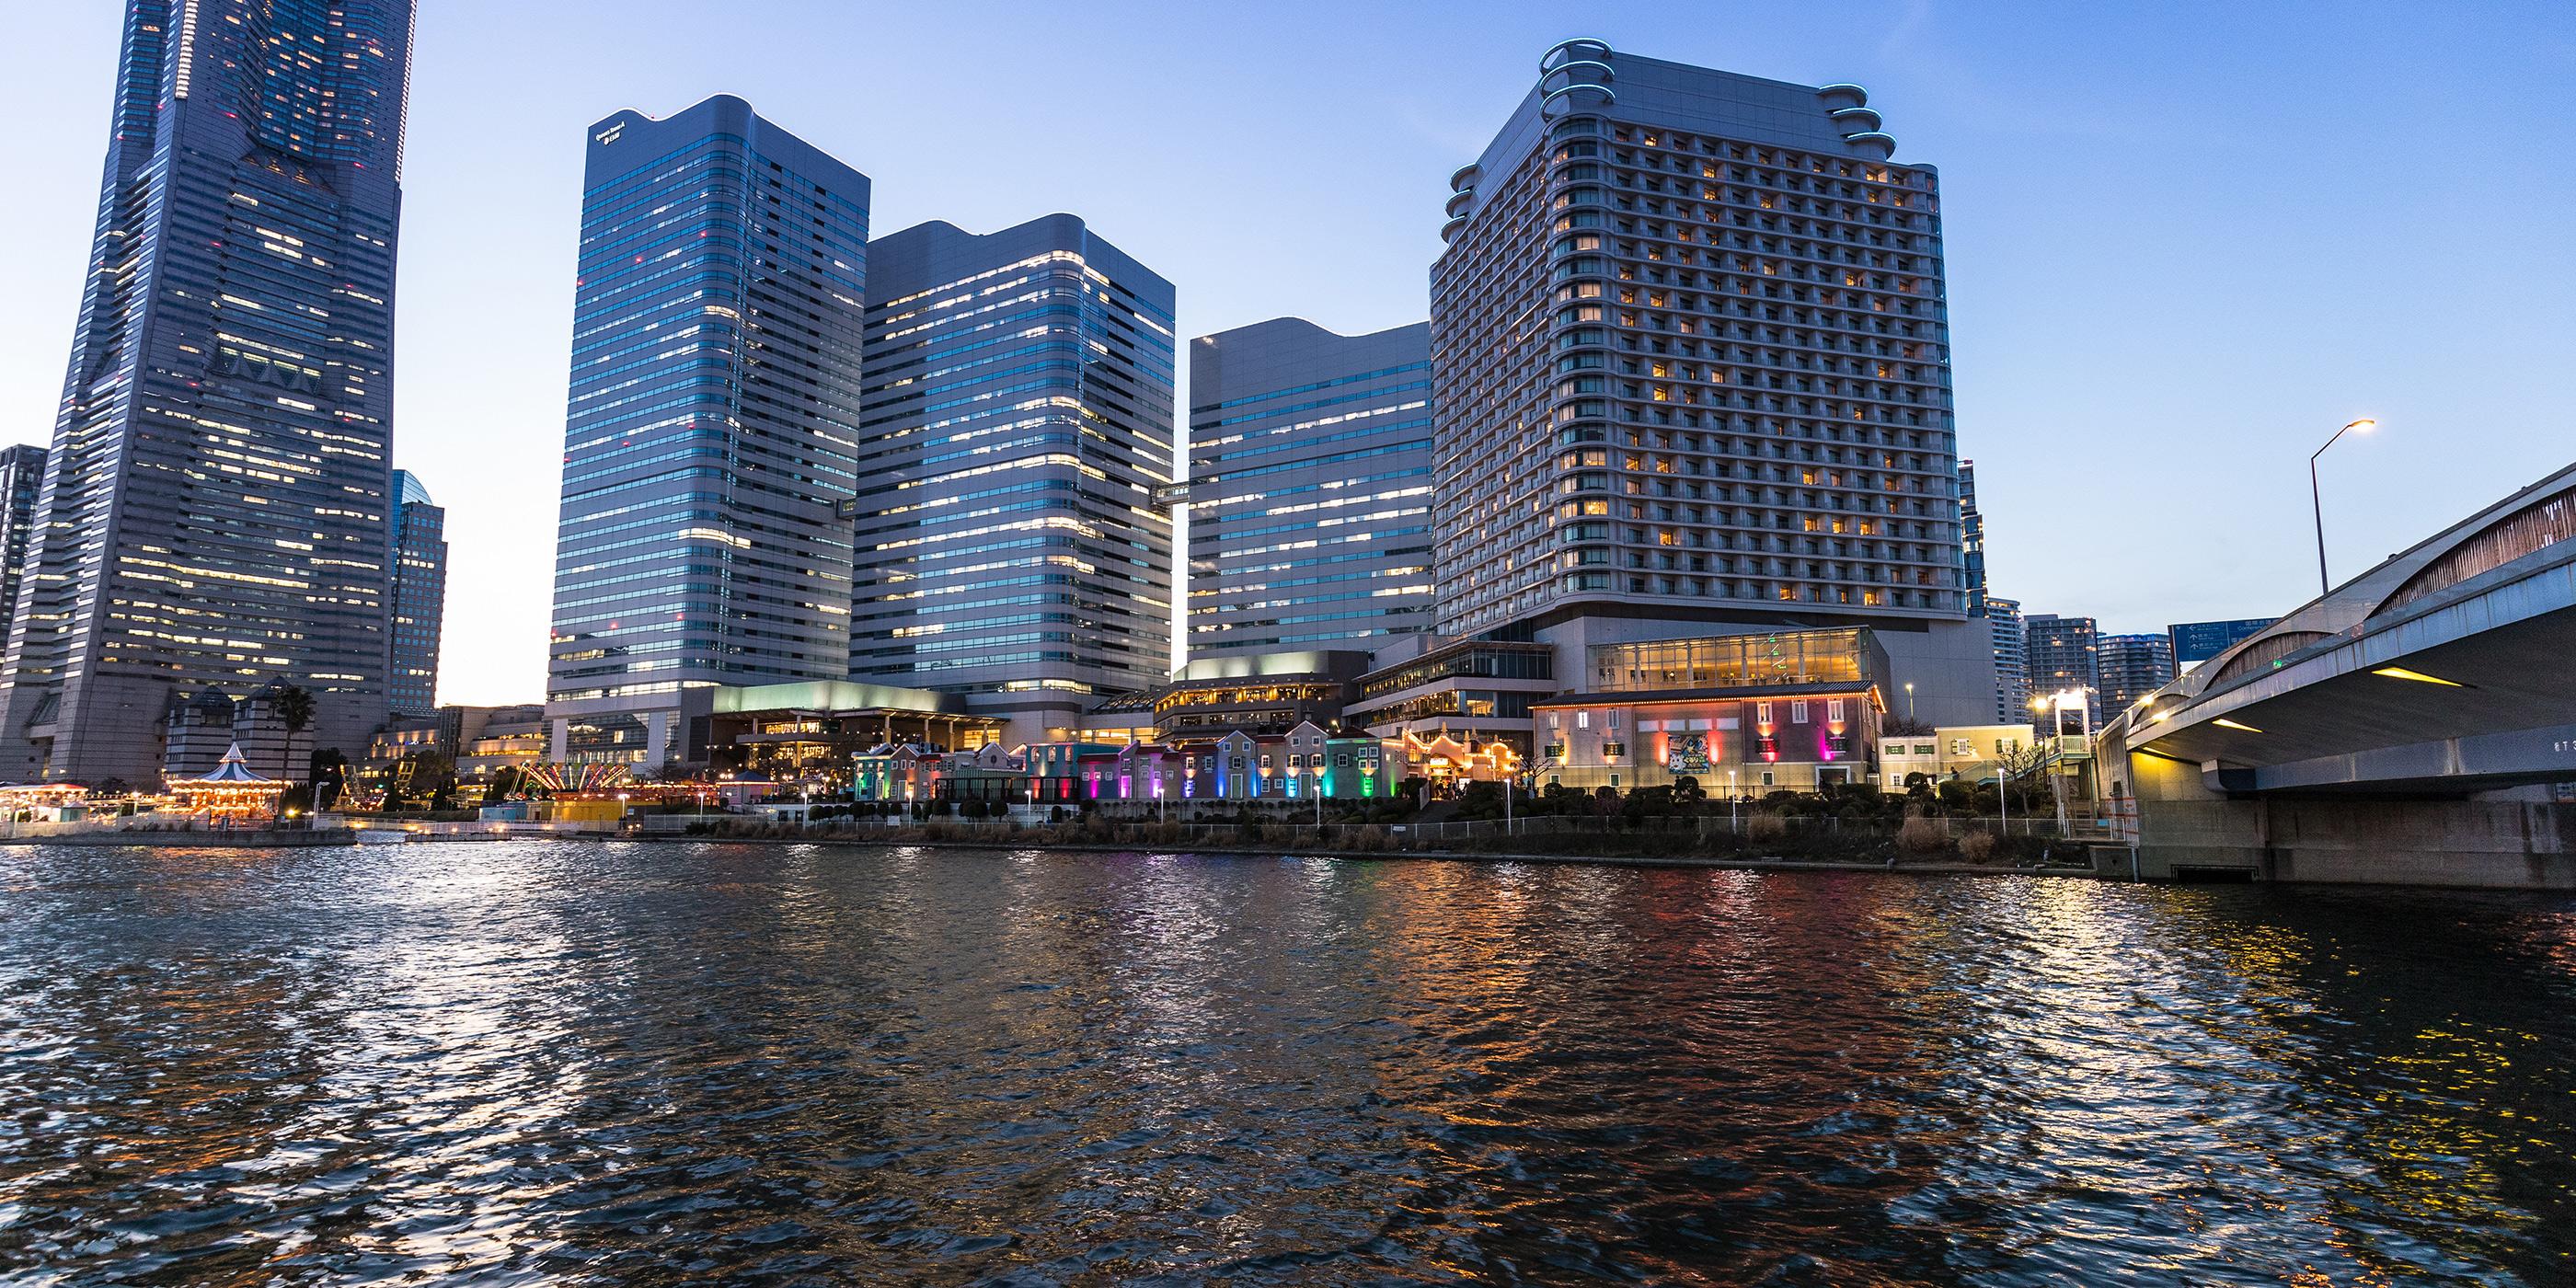 横浜のウォーターフロント都市を一望できる絶景クルーズ